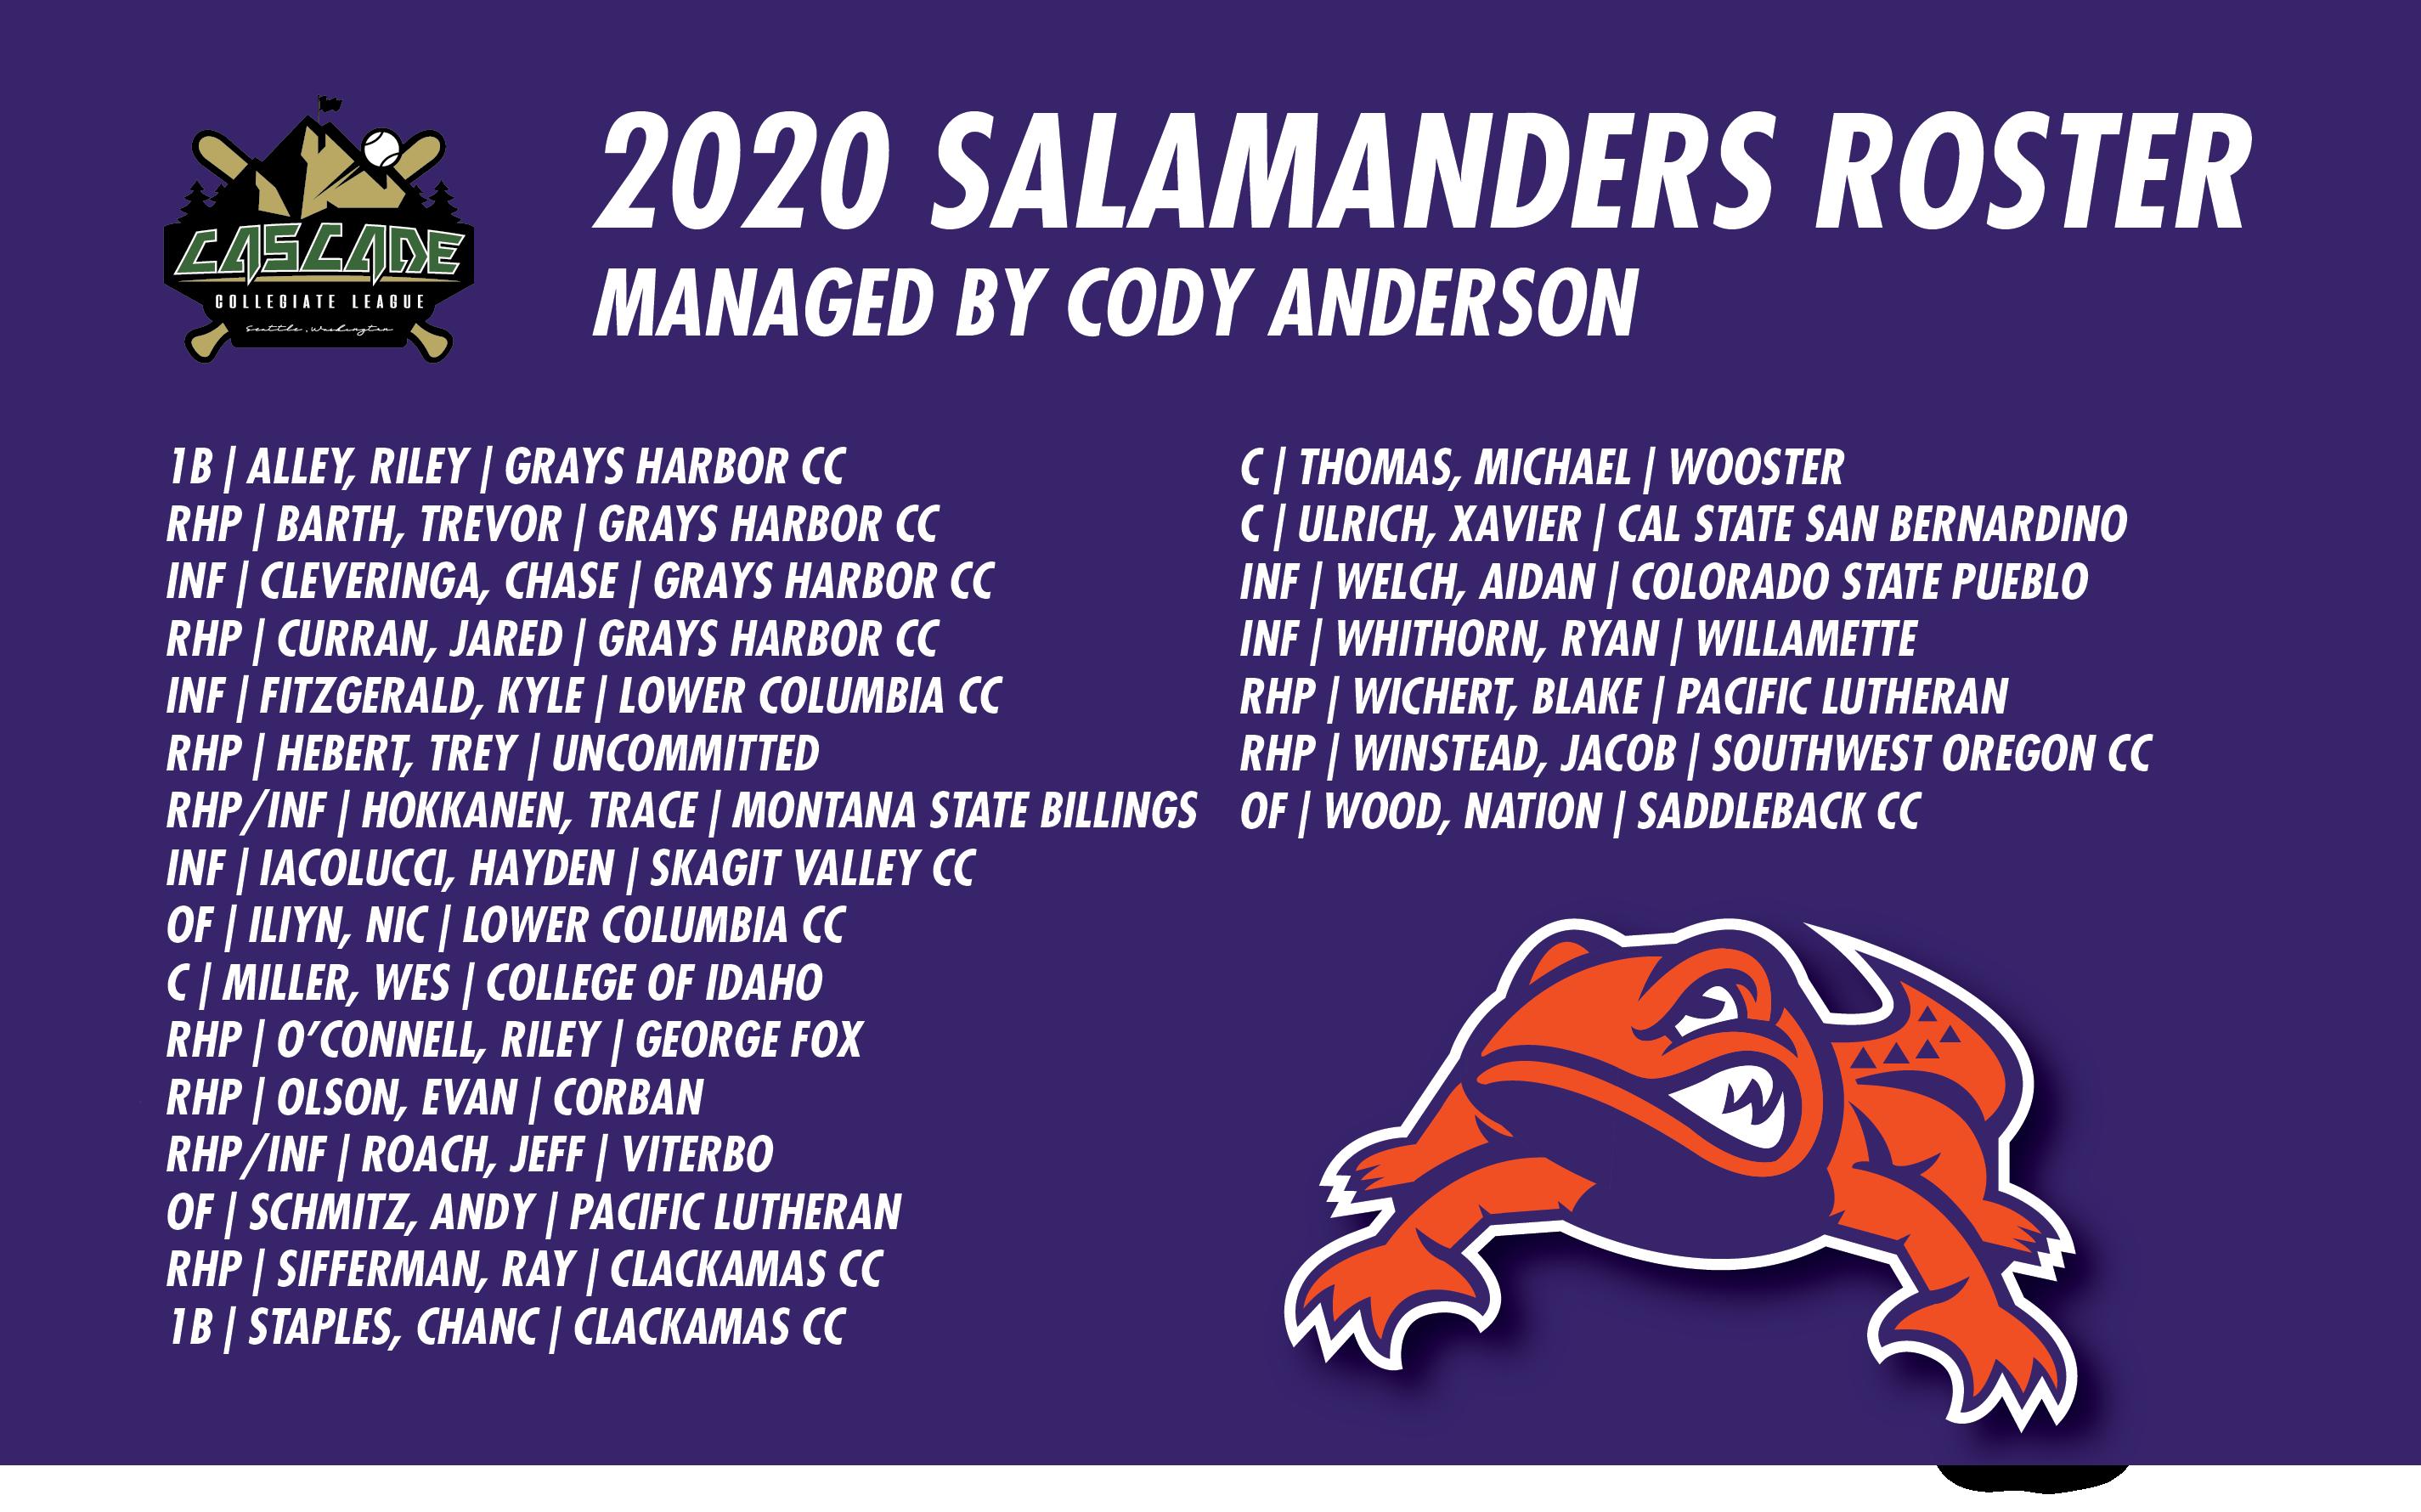 2020 SALAMANDERS ROSTER